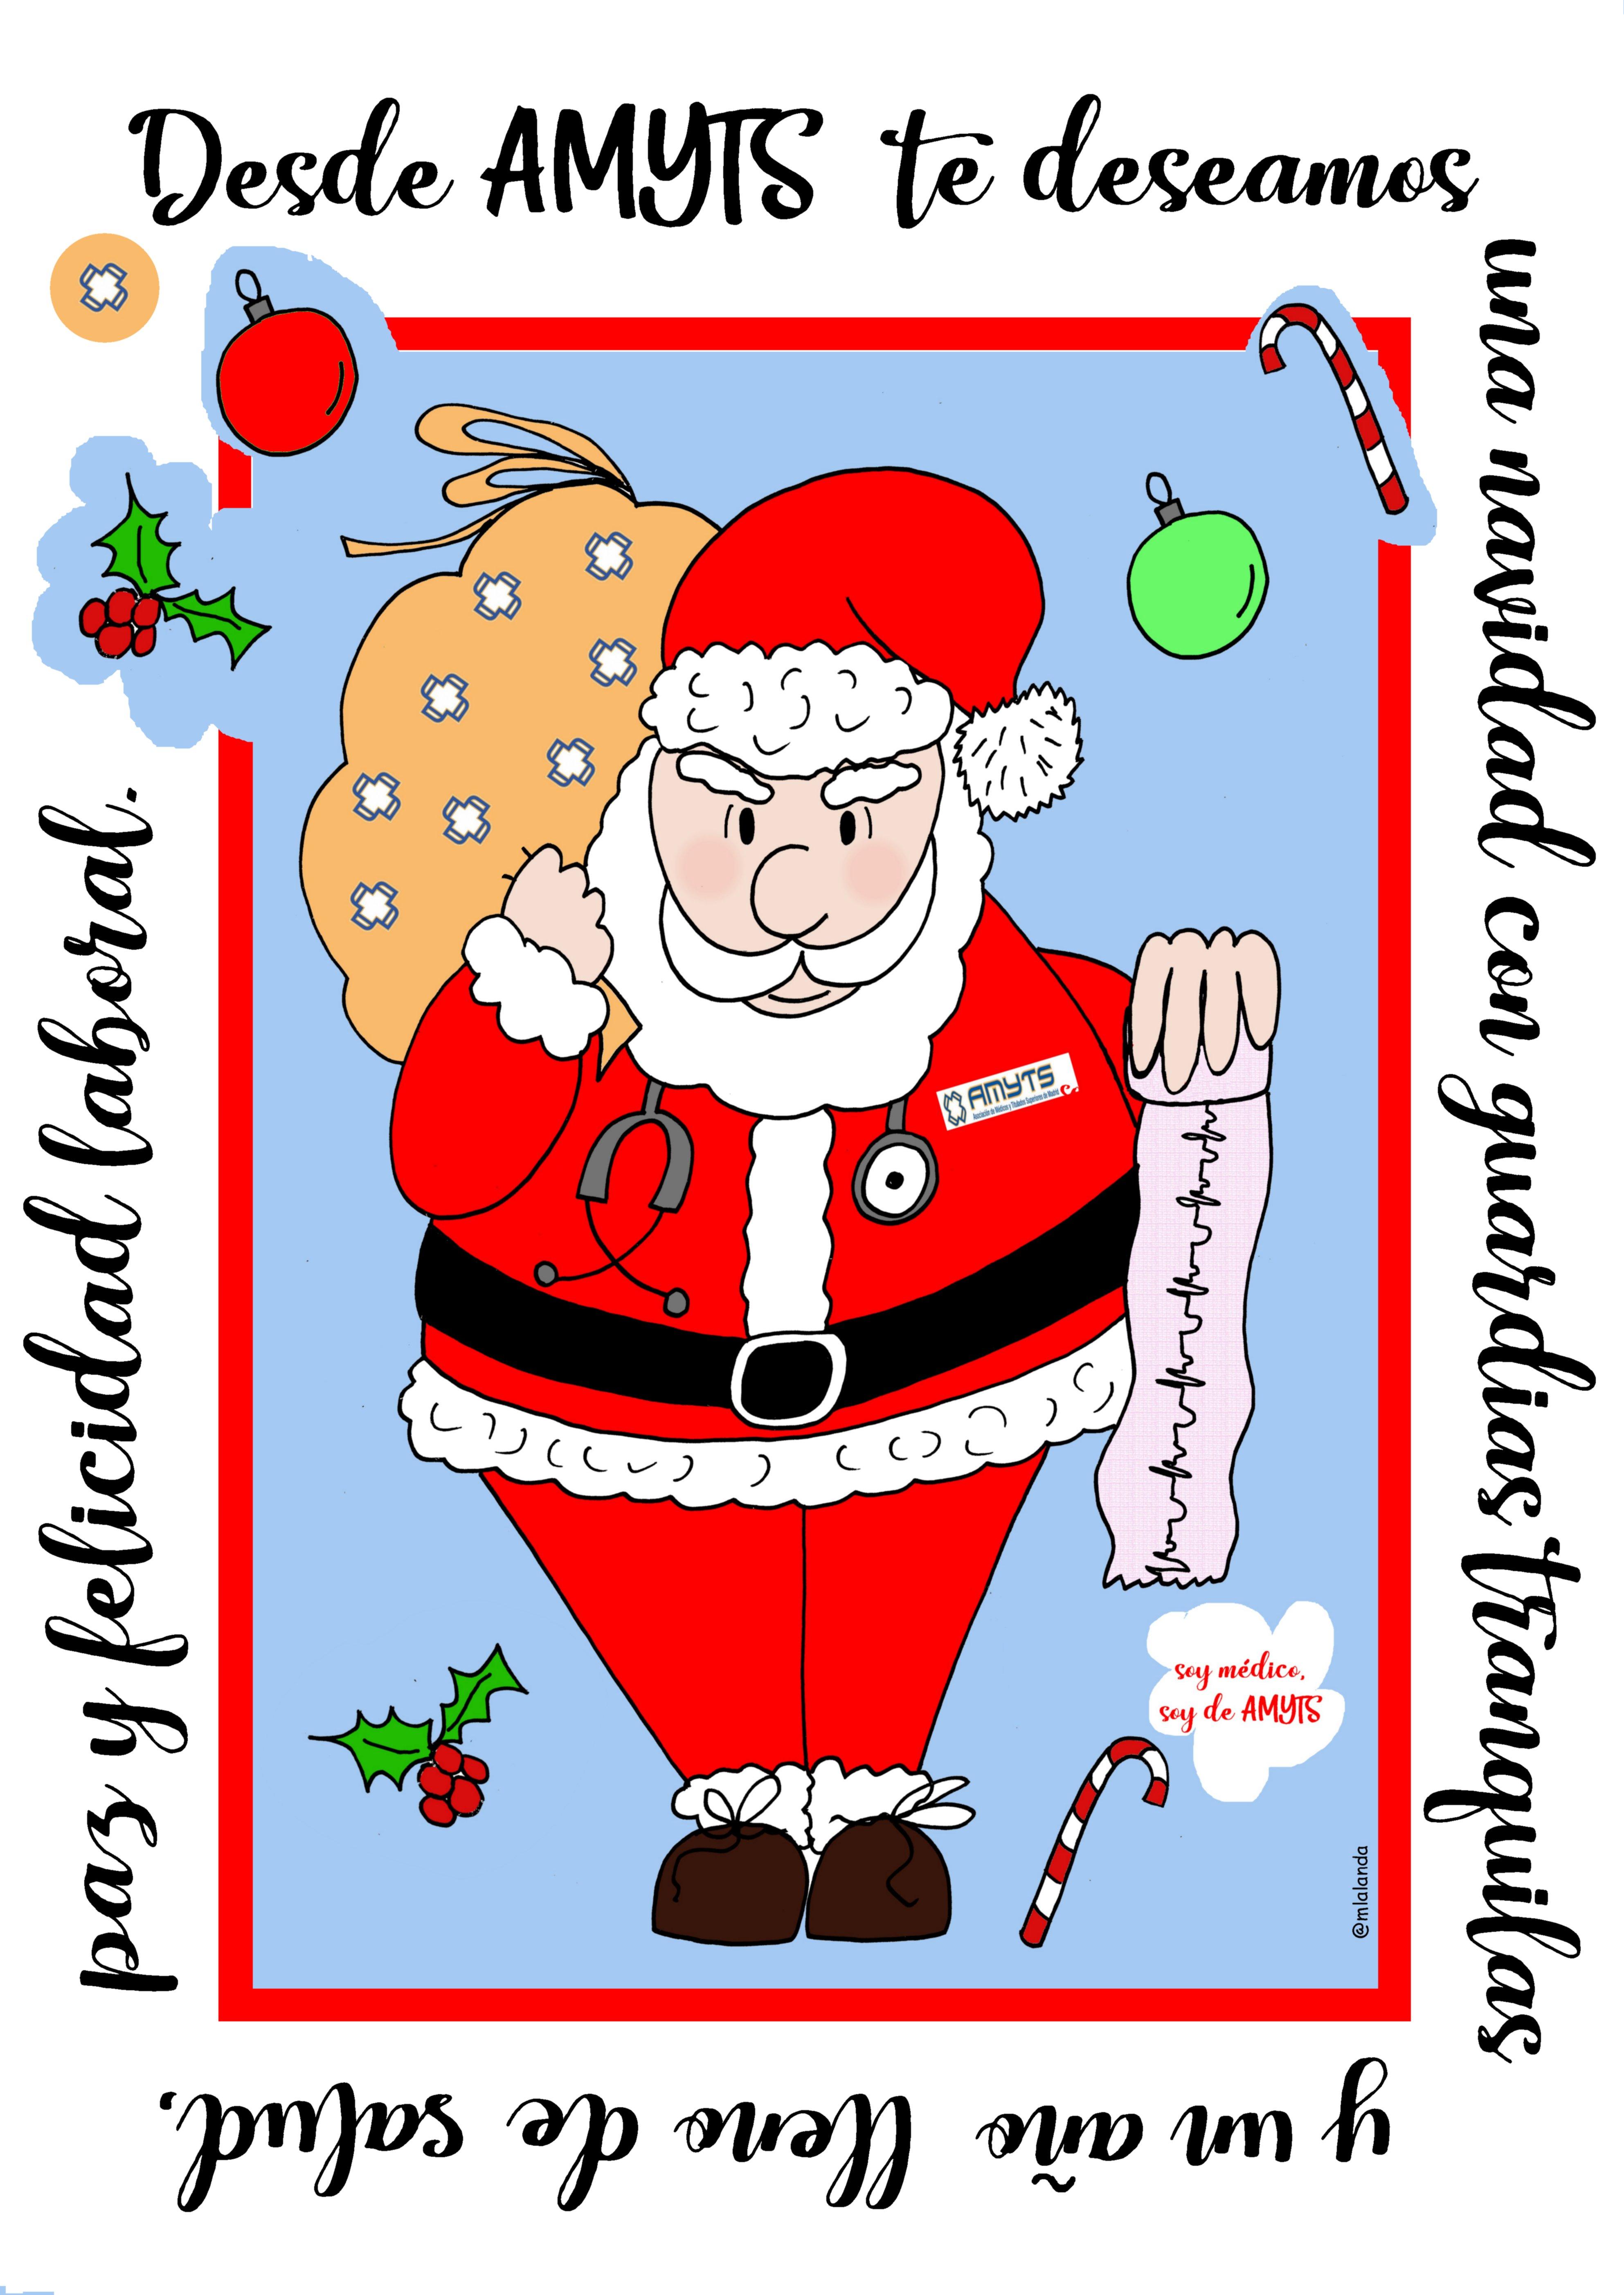 Imagenes Felicitacion Navidad 2019.Amyts Os Desea Feliz Navidad Y Un Gran Ano 2019 Amyts